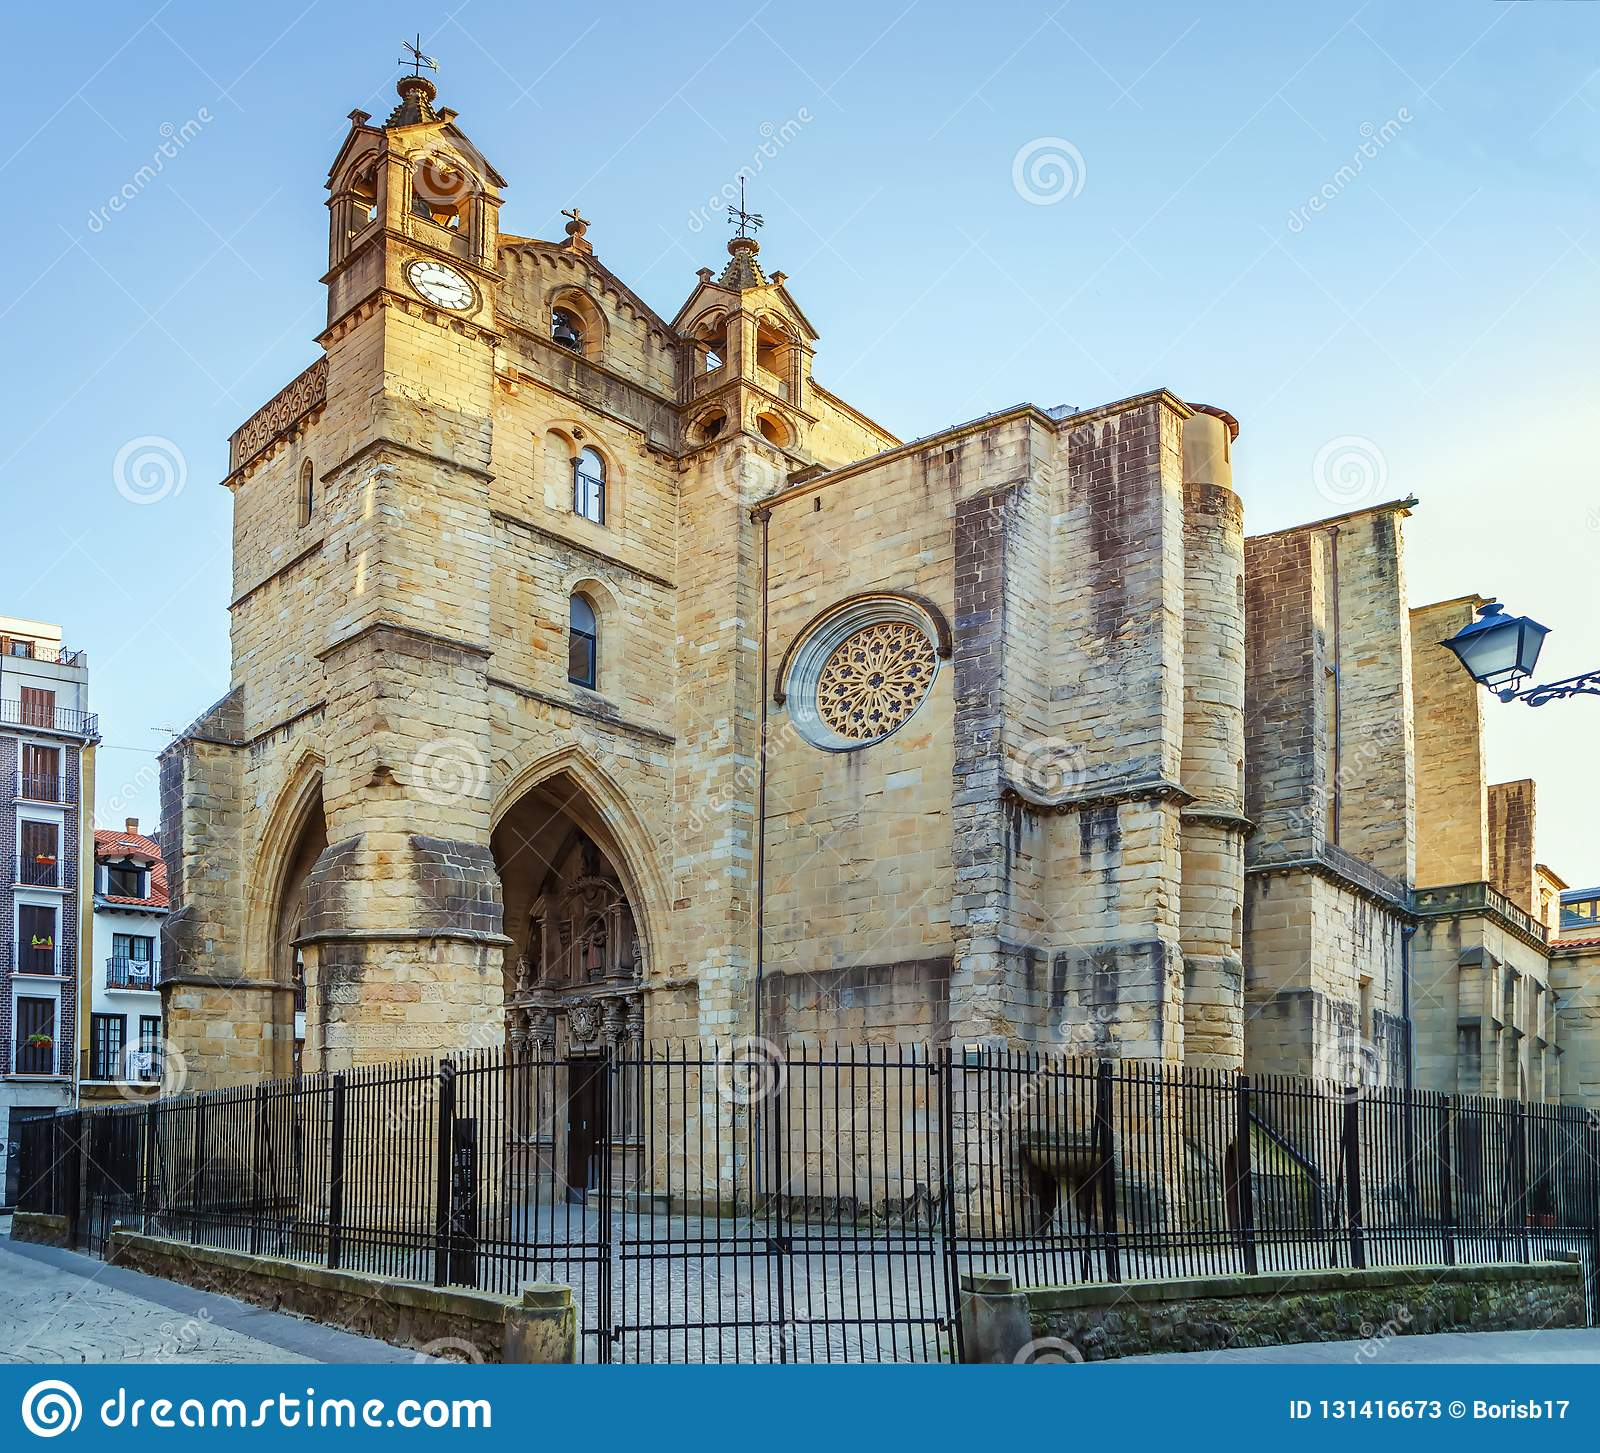 La iglesia de San Vicente, San Sebastian, fue erigida entre el décimo quinto y los siglos XVI, España